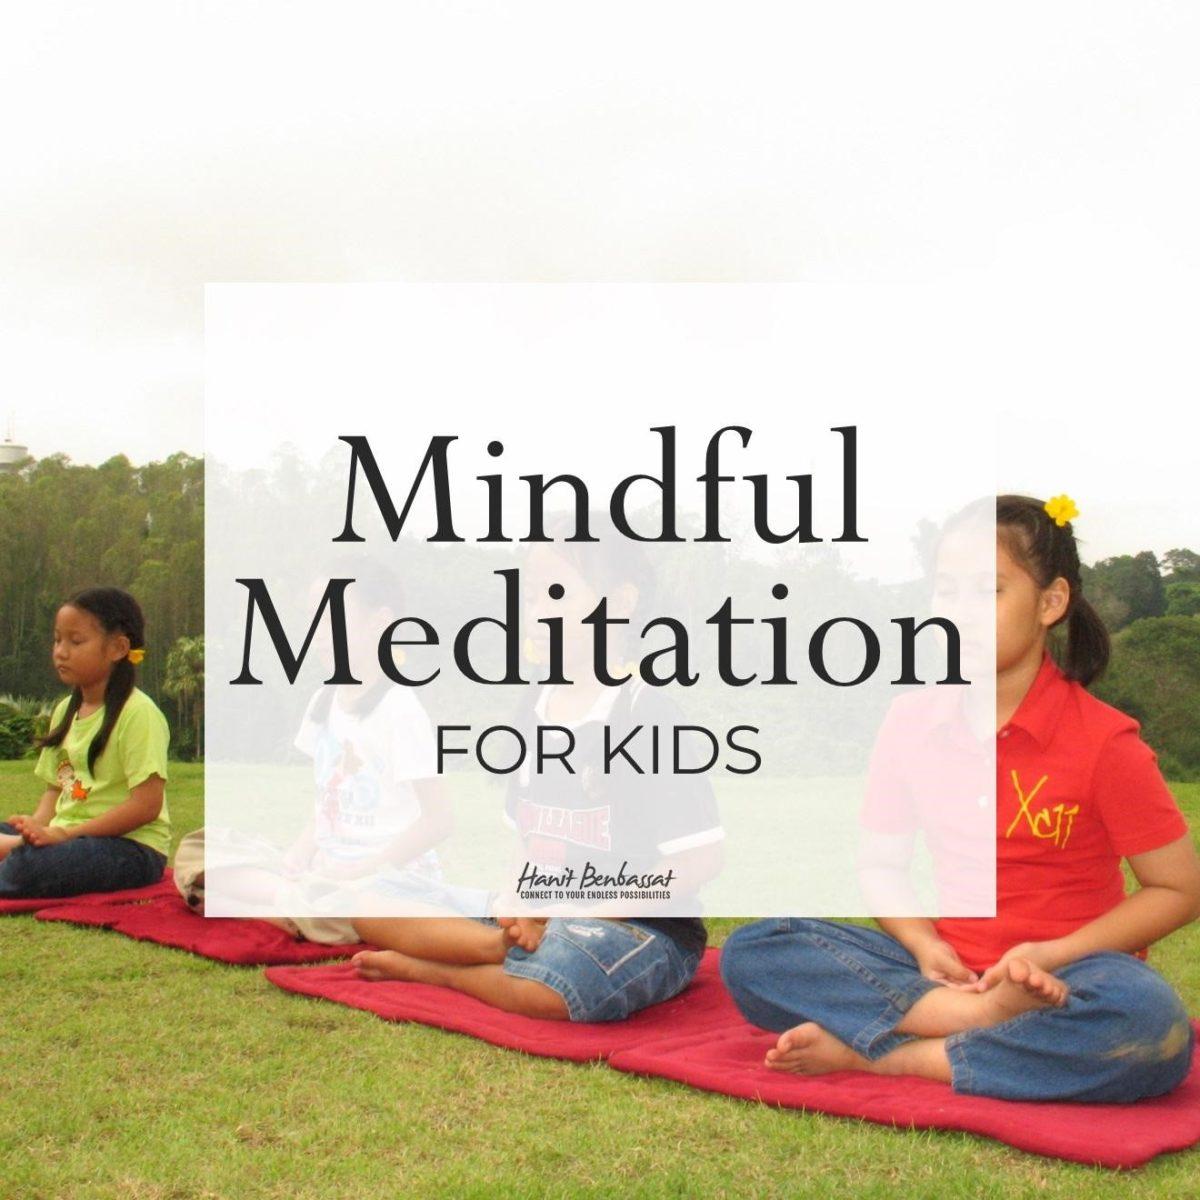 Mindful Meditation for Kids